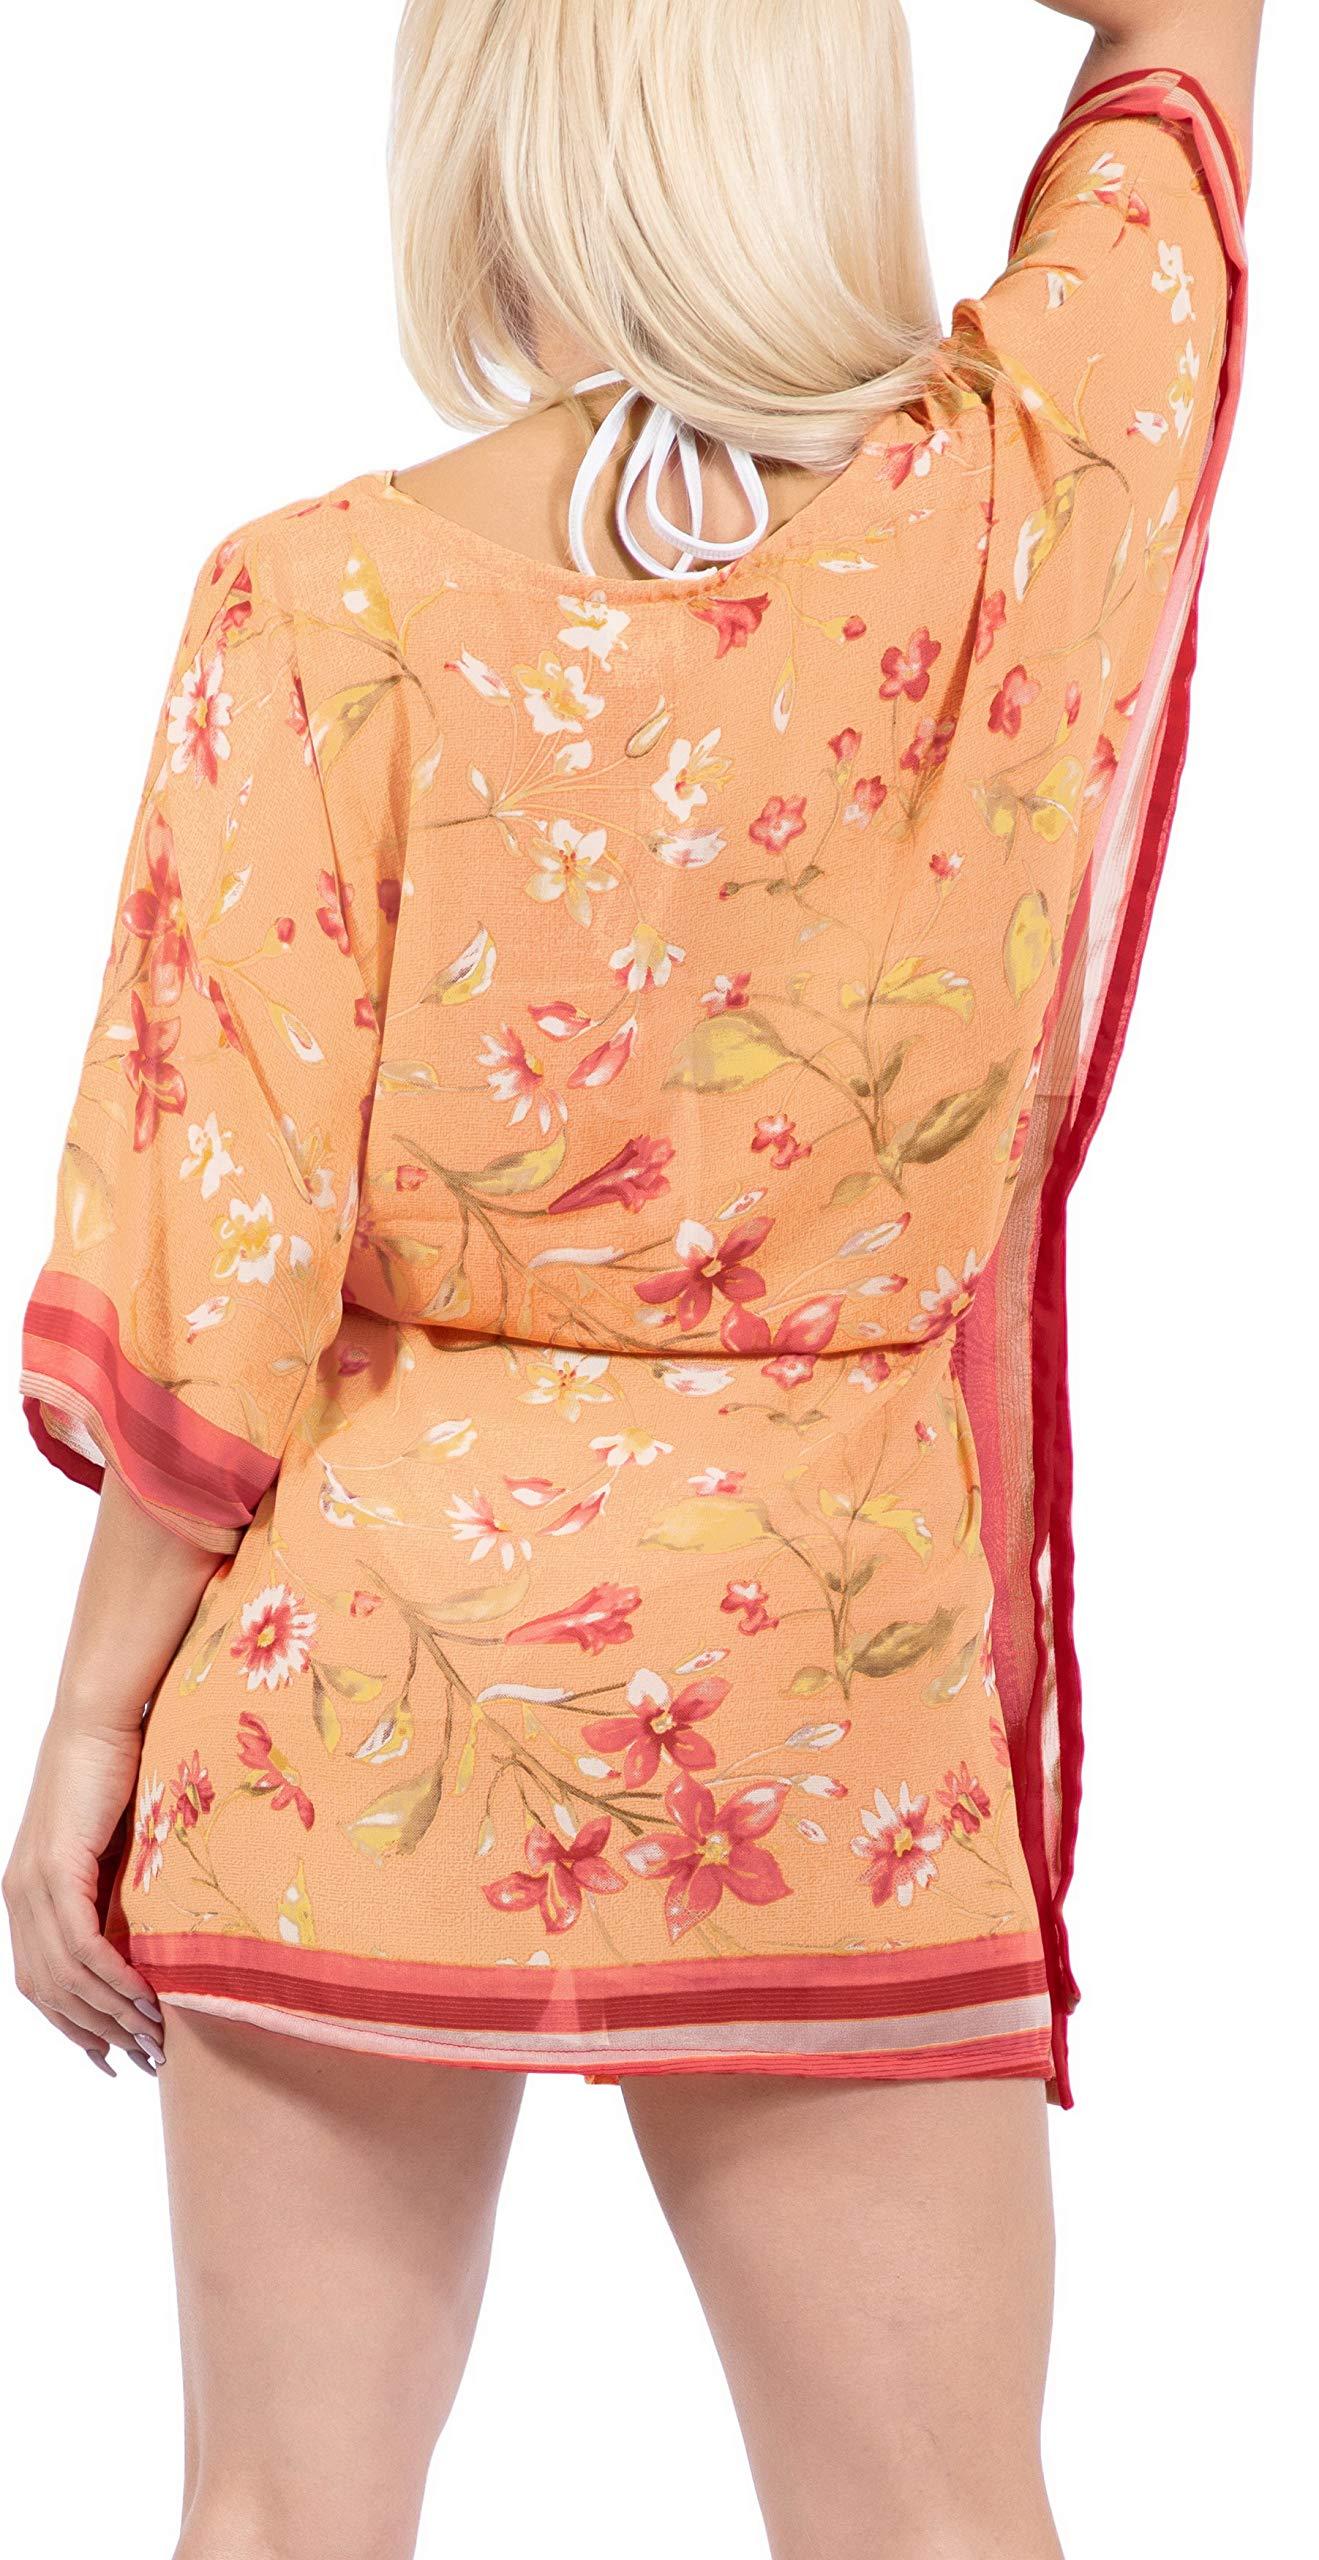 LA LEELA Abito Kimono Abbigliamento Casual Kaftano Top Costume da Bagno Cover up Spiaggia Estiva per Le Donne 5 spesavip